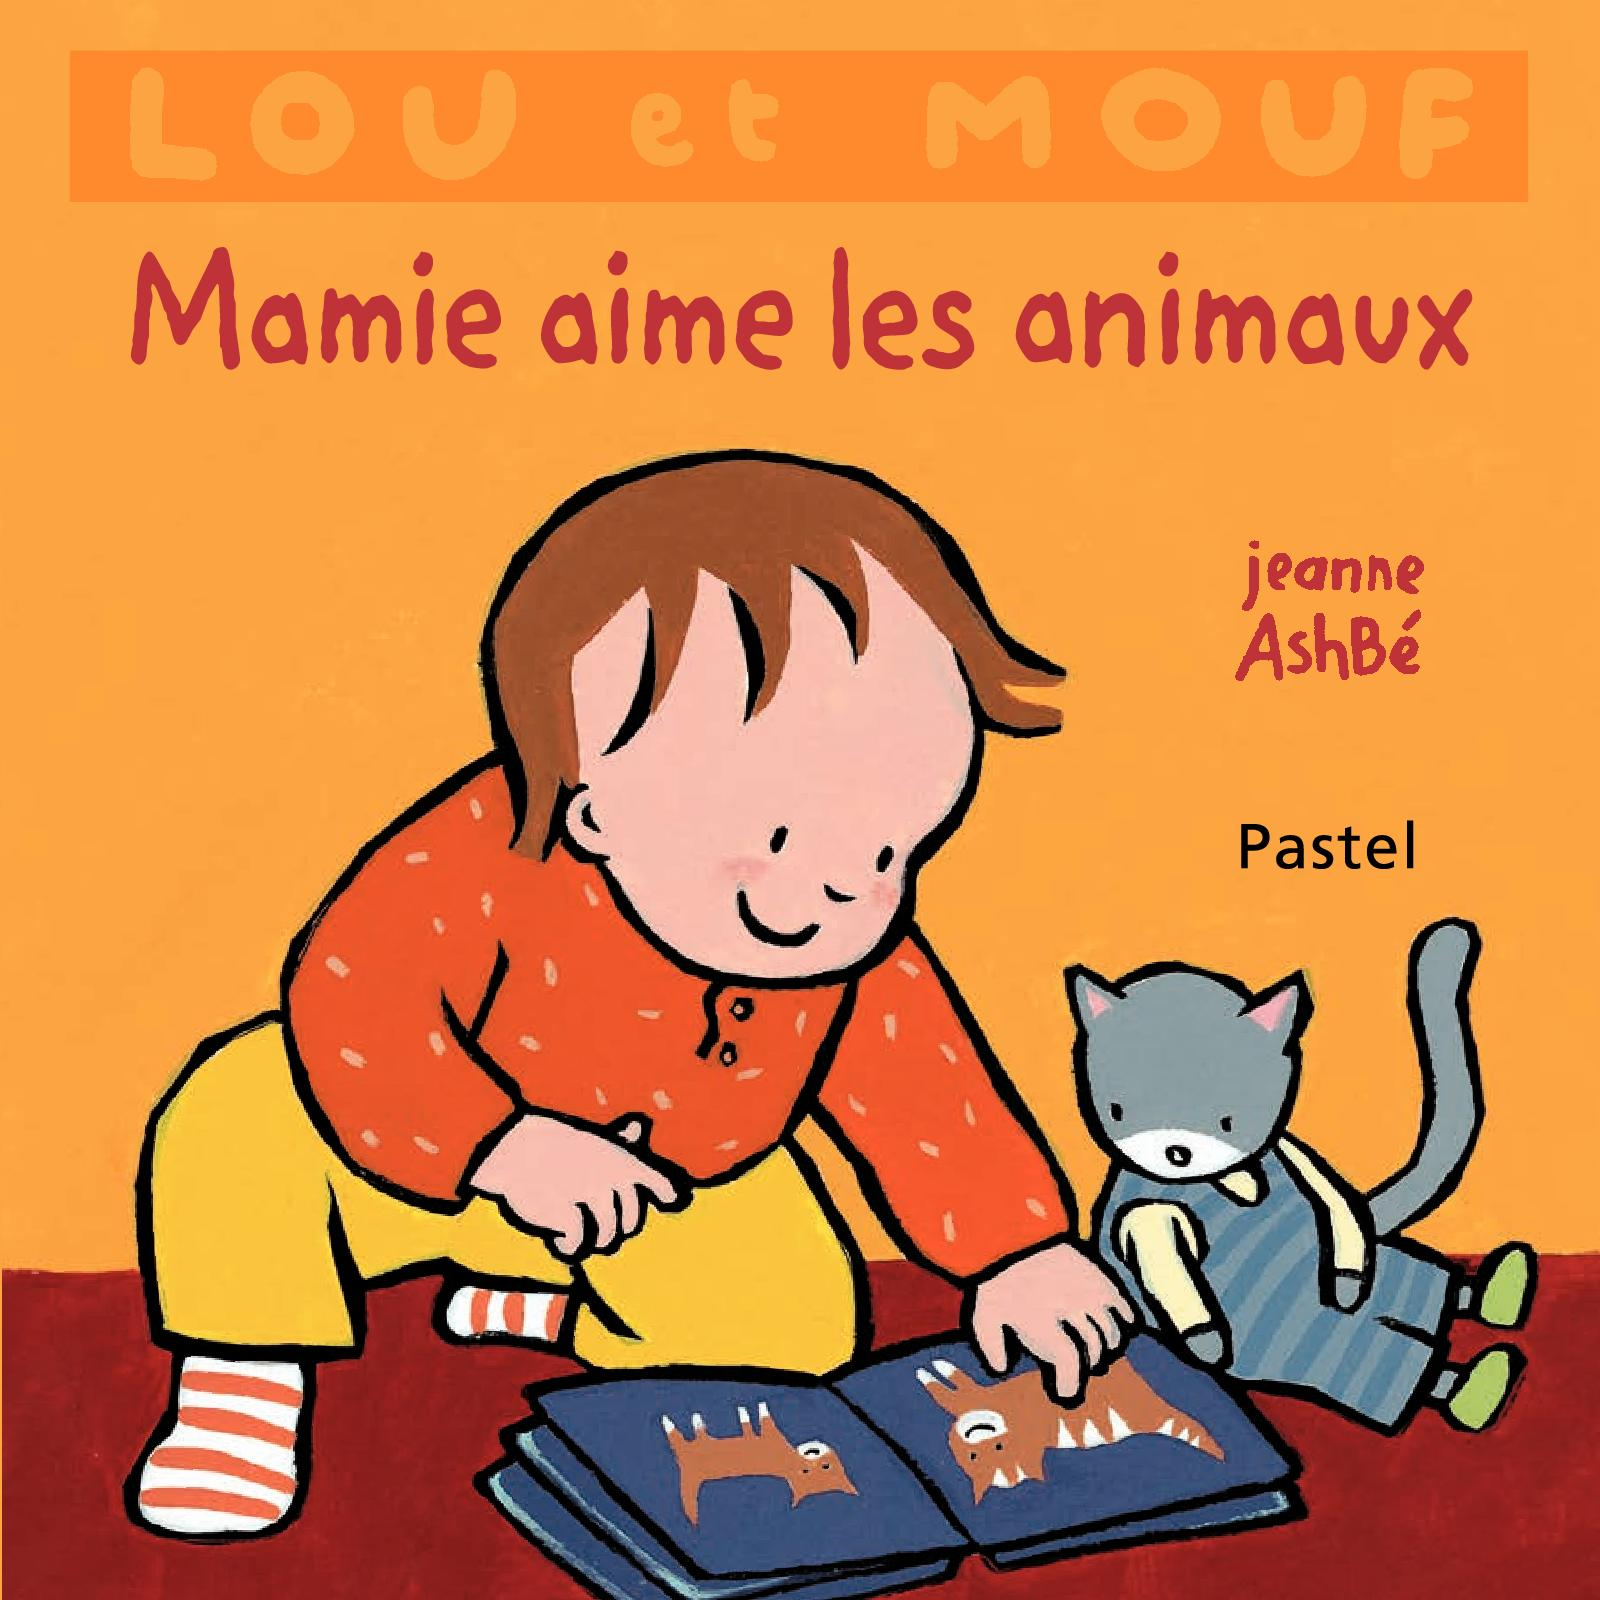 Lou - Jeanne Ashbé